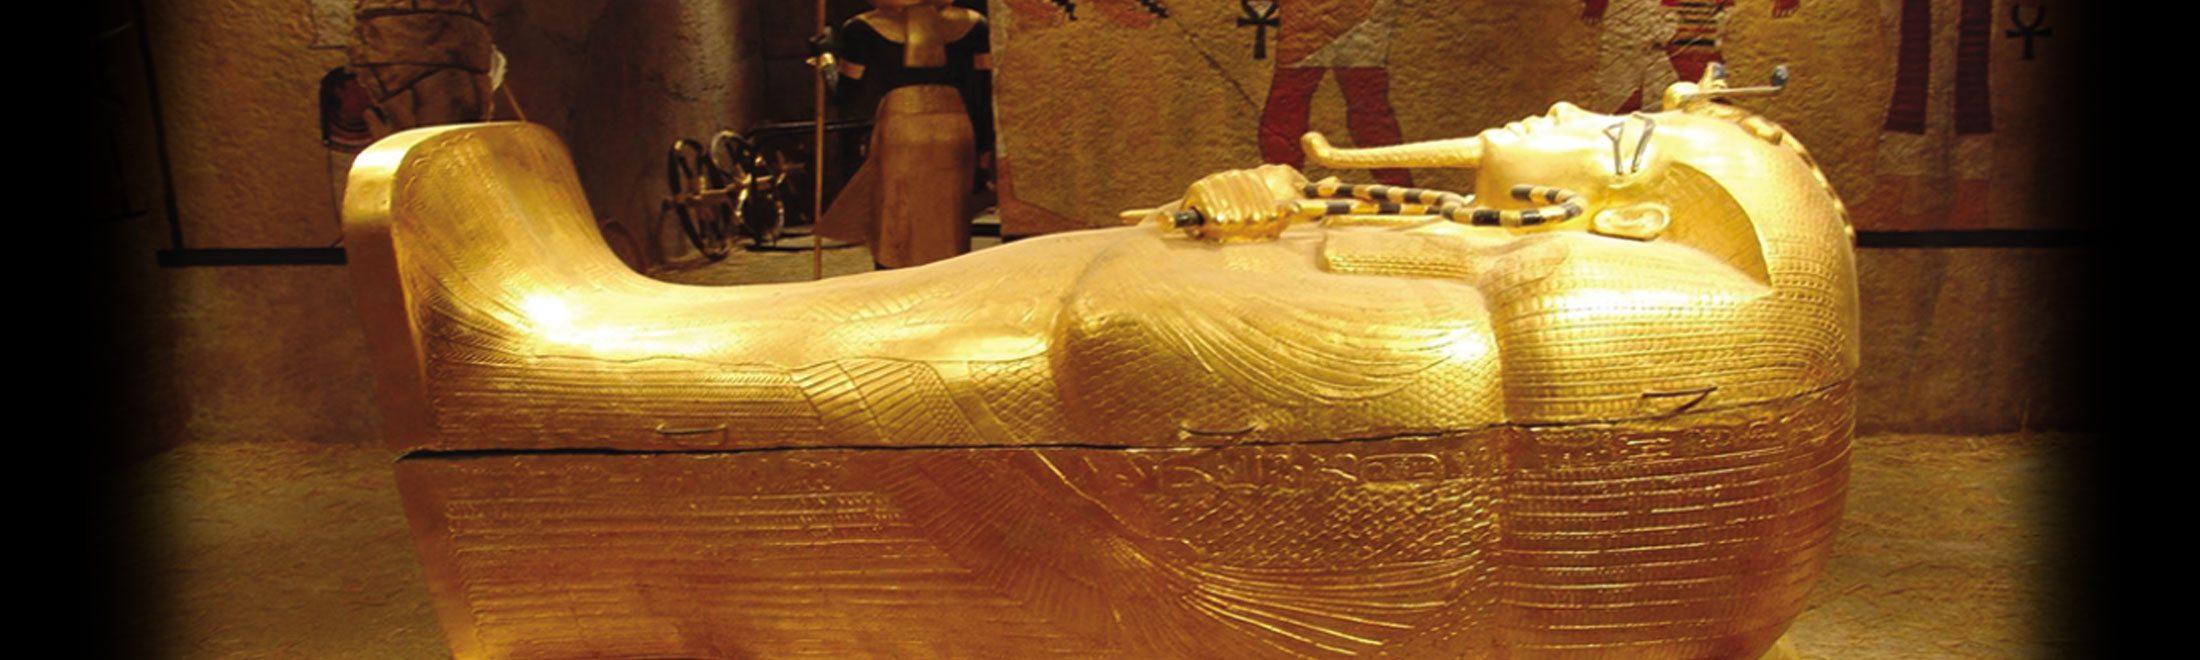 القريه الفرعونيه مصر